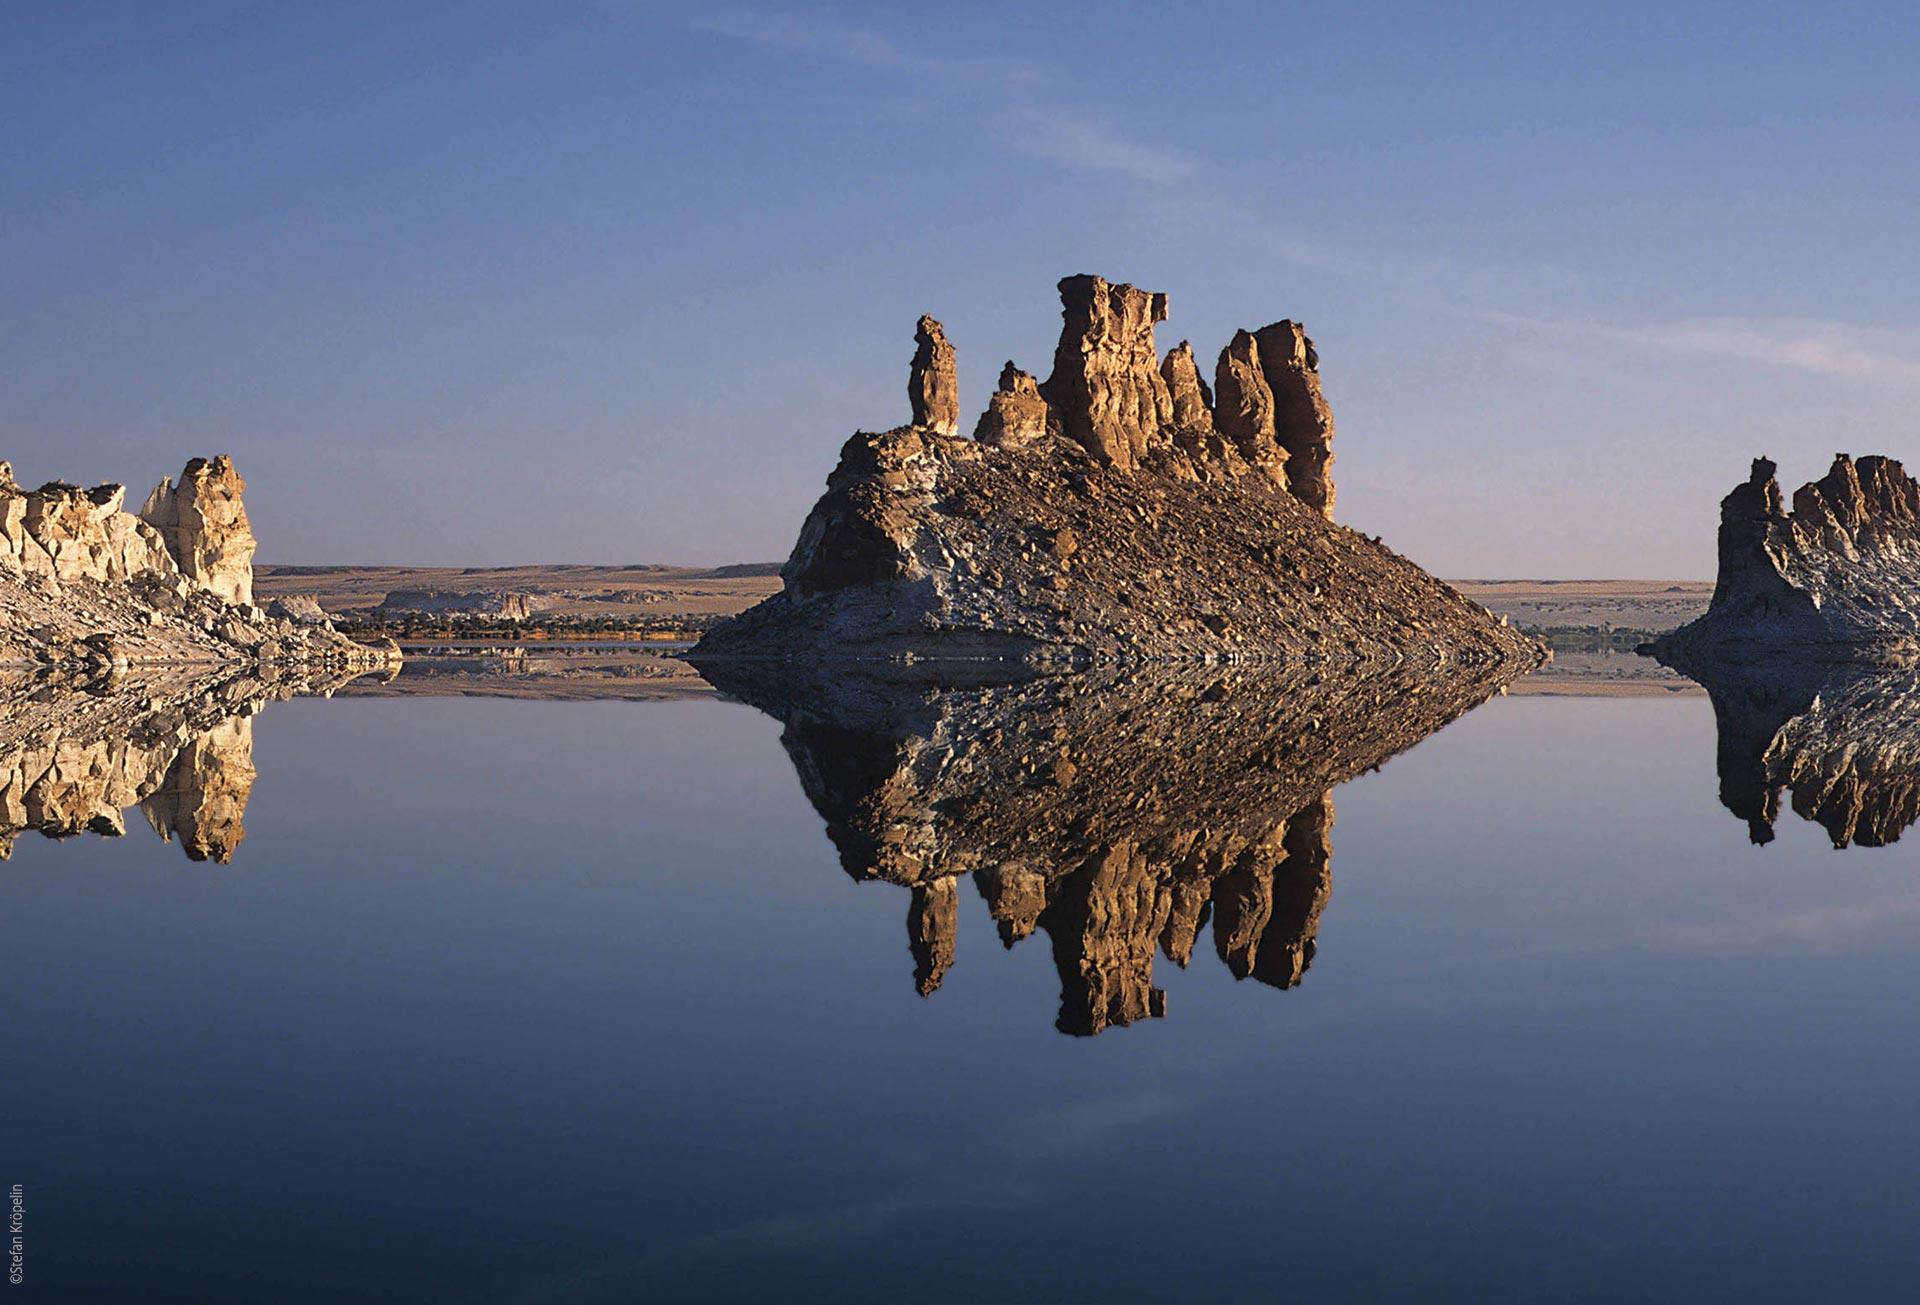 Die Seen von Ounianga, Ounianga Serir, Lac Teli, Felsen im Wasser, Explore Chad